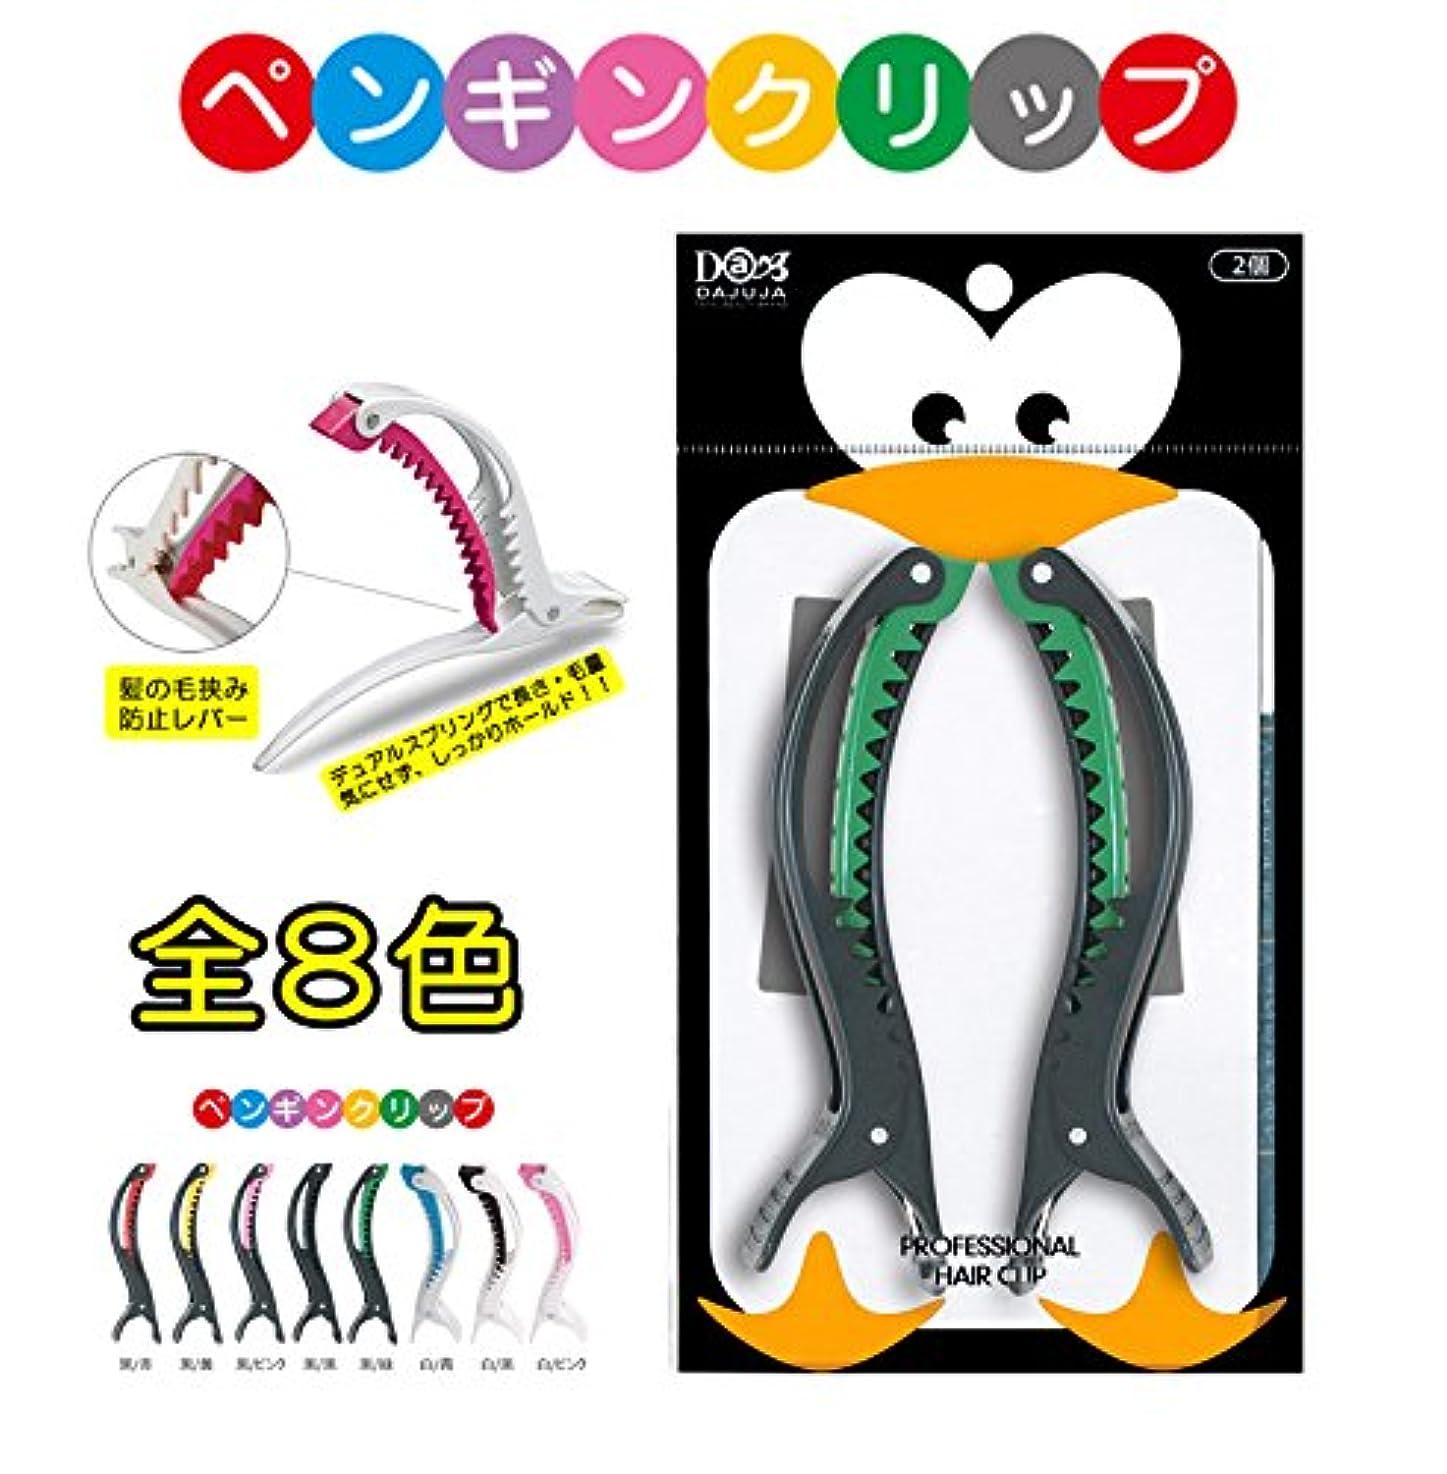 パネル音ピクニックDAJUJA ペンギンヘアクリップセット2個入り(黒/緑)